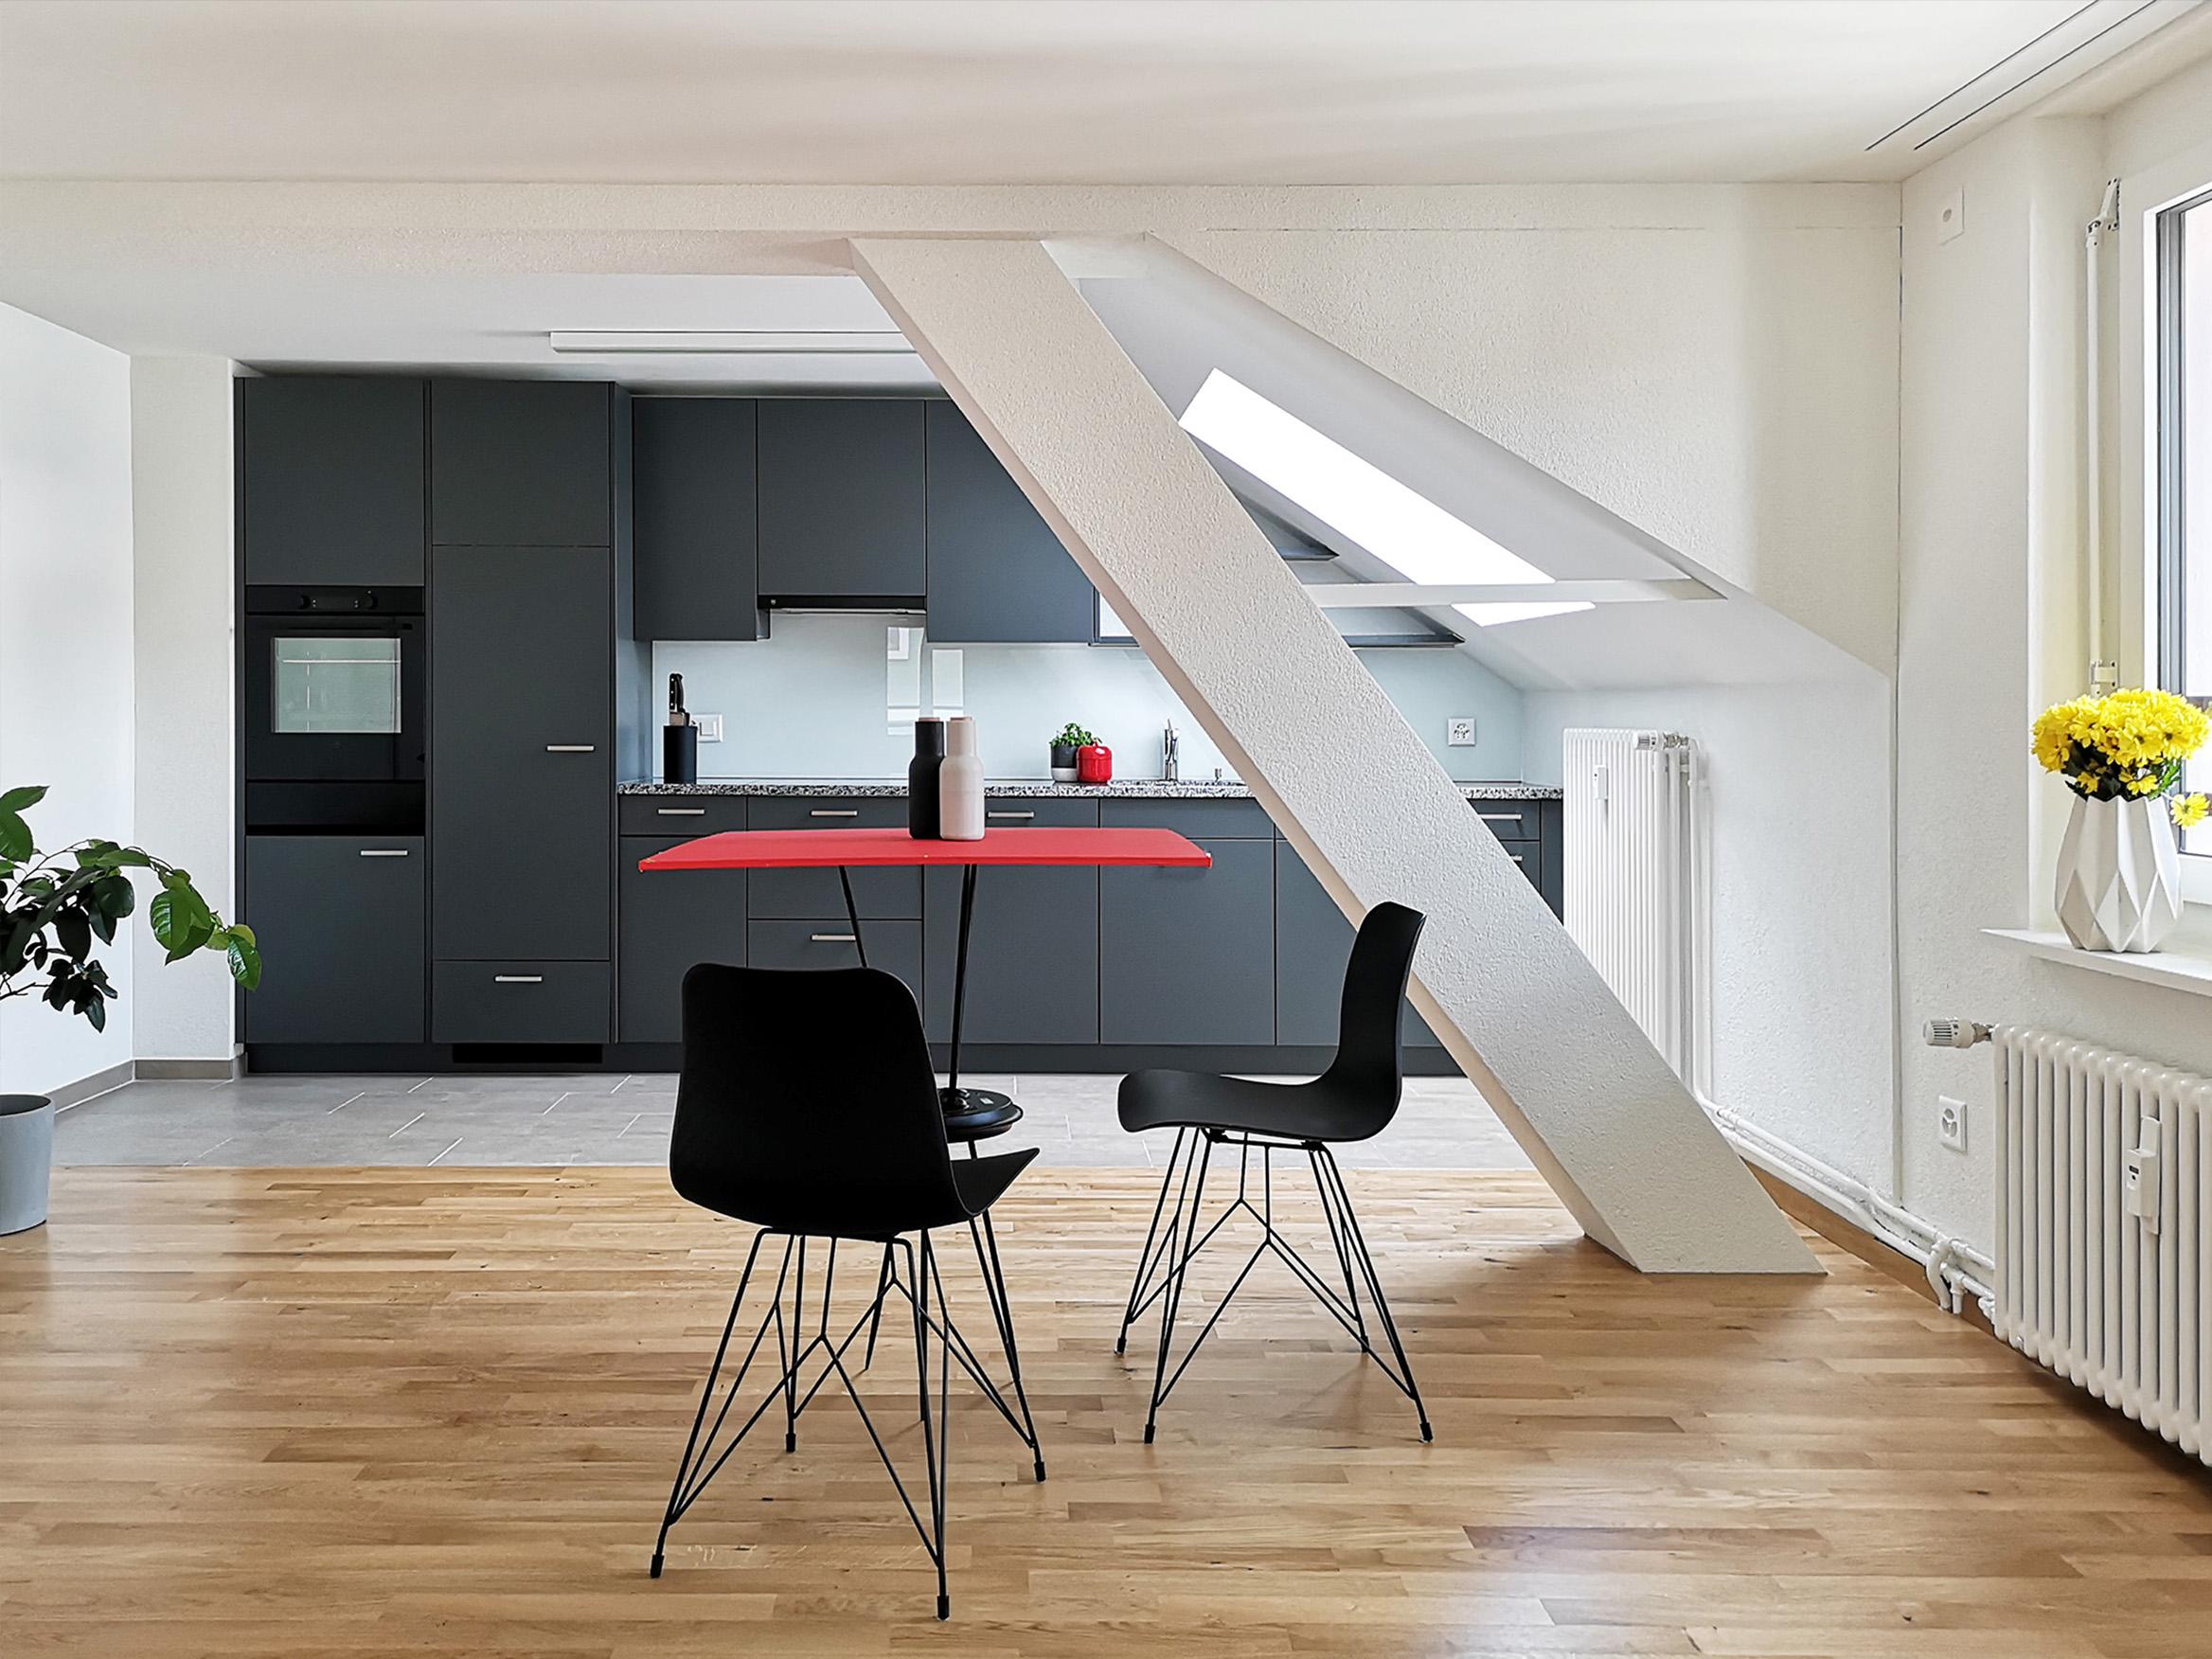 Küche/ Essen/ Wohnen in Dachgeschosswohnung